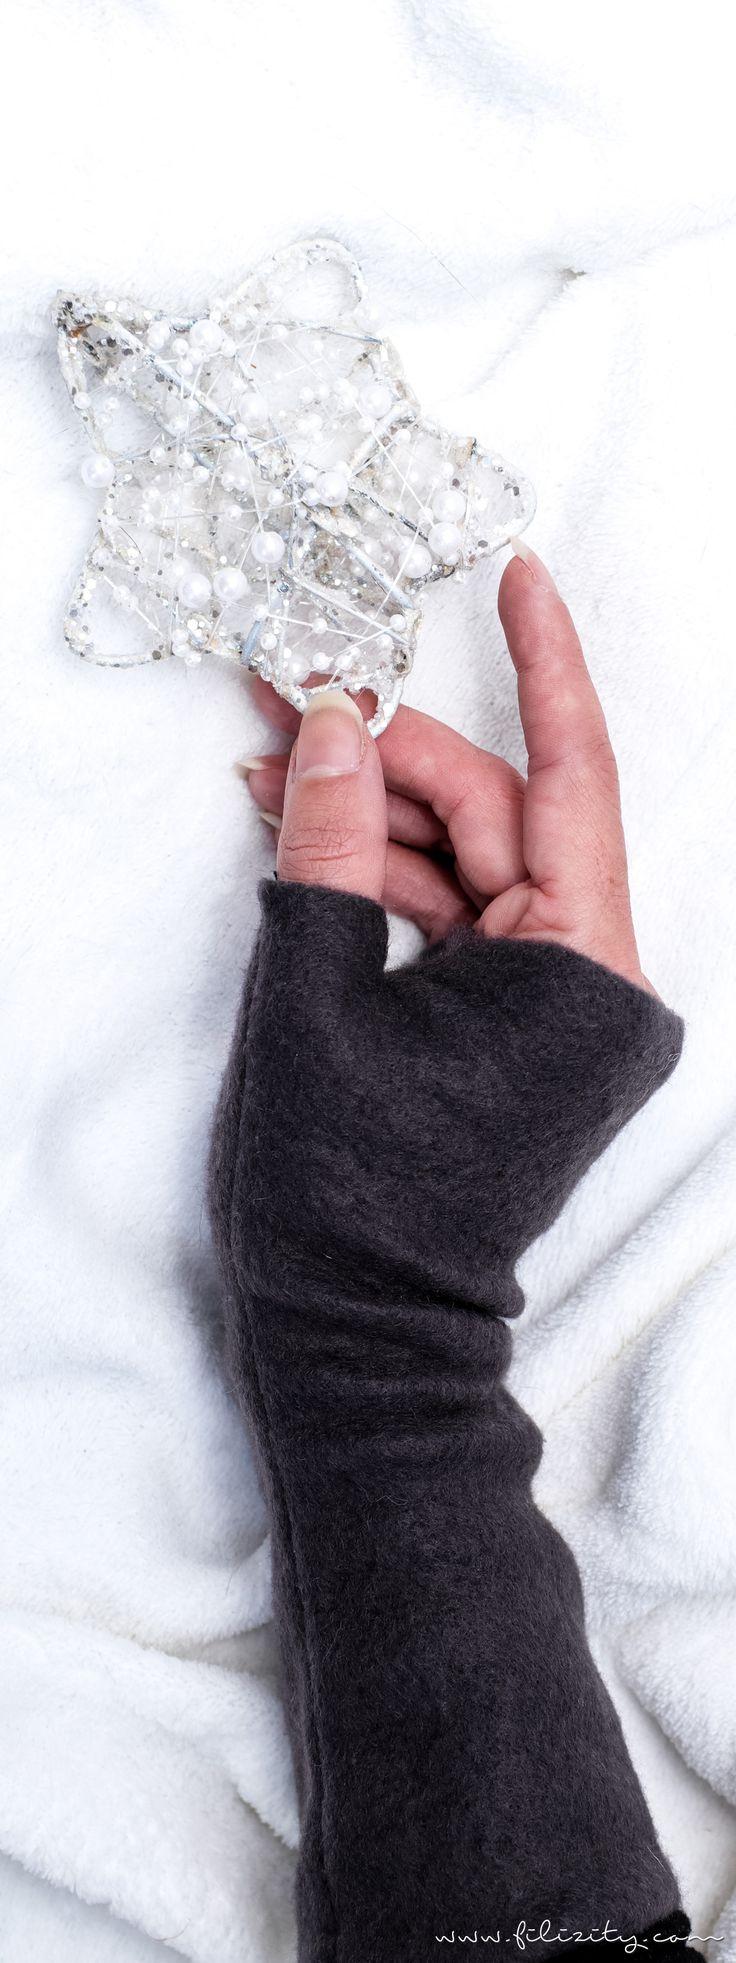 DIY-Fashion: Armstulpen nähen - Winteraccessoire und Geschenkidee zu Weihnachten | Filizity.com | DIY-Blog aus dem Rheinland #weihnachten #weihnachtsgeschenke #nähen